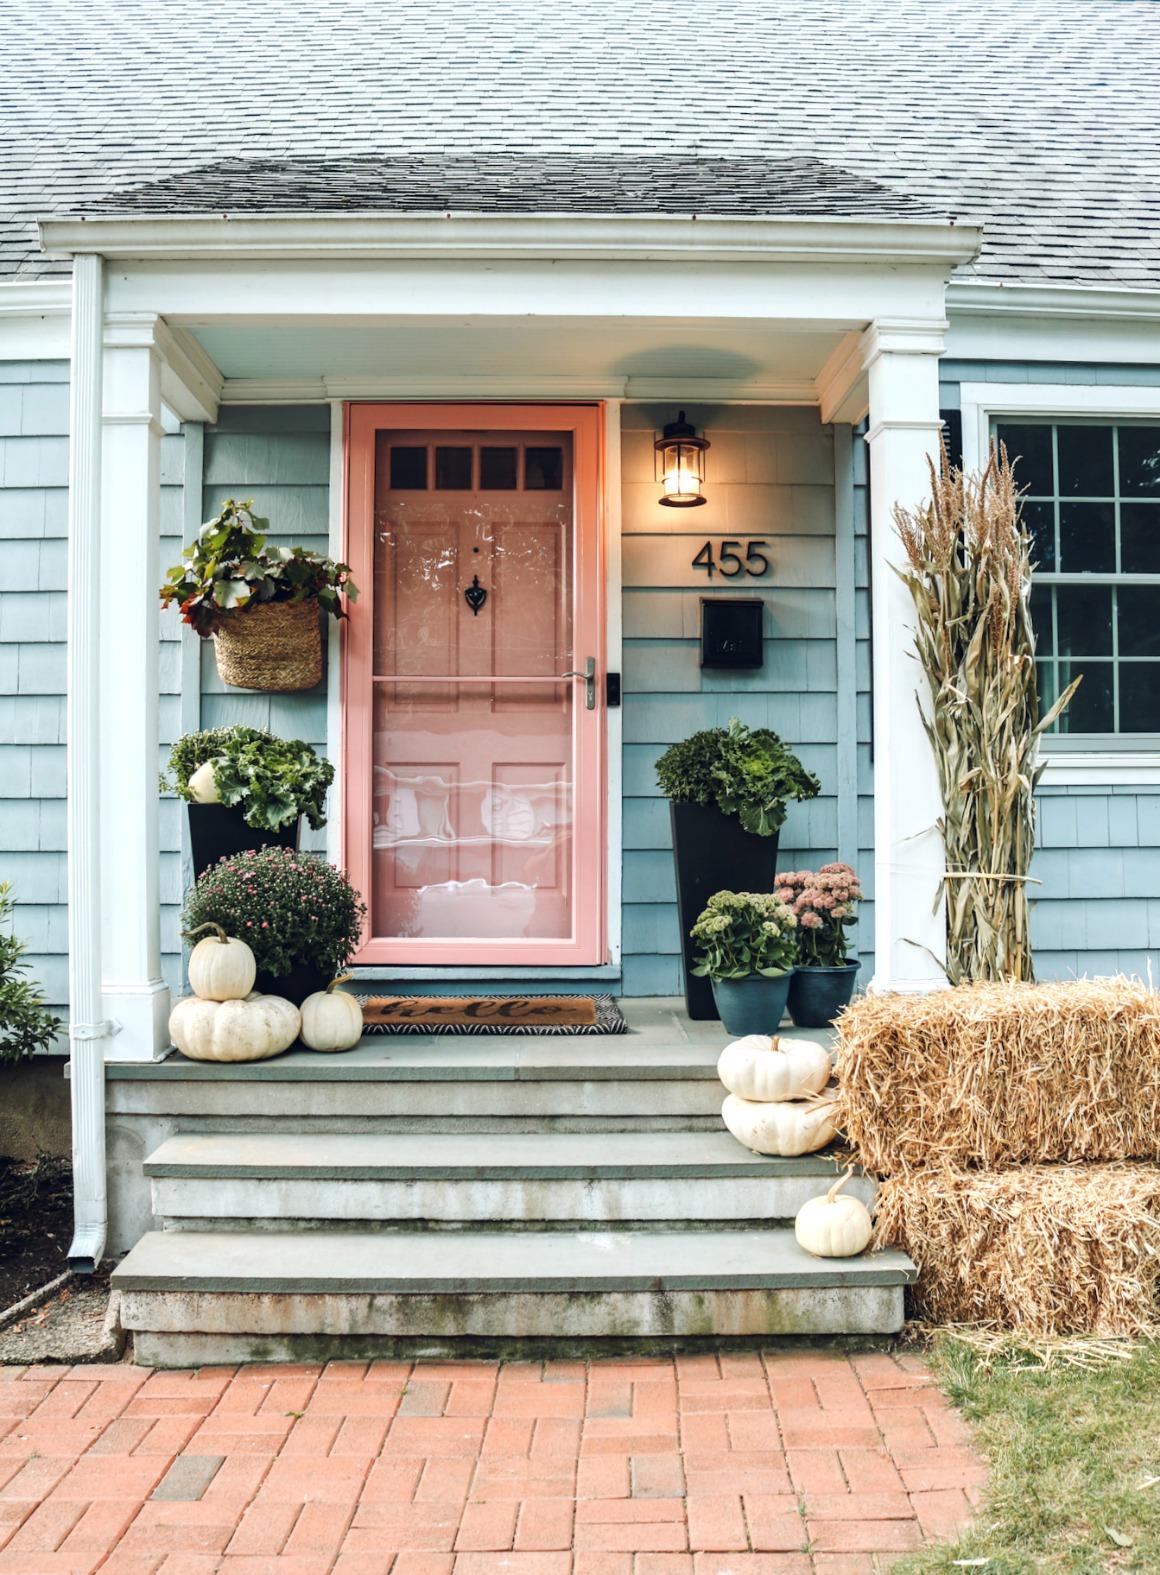 How to paint a metal door, how to paint a screen door, pink front door, fall porch ideas